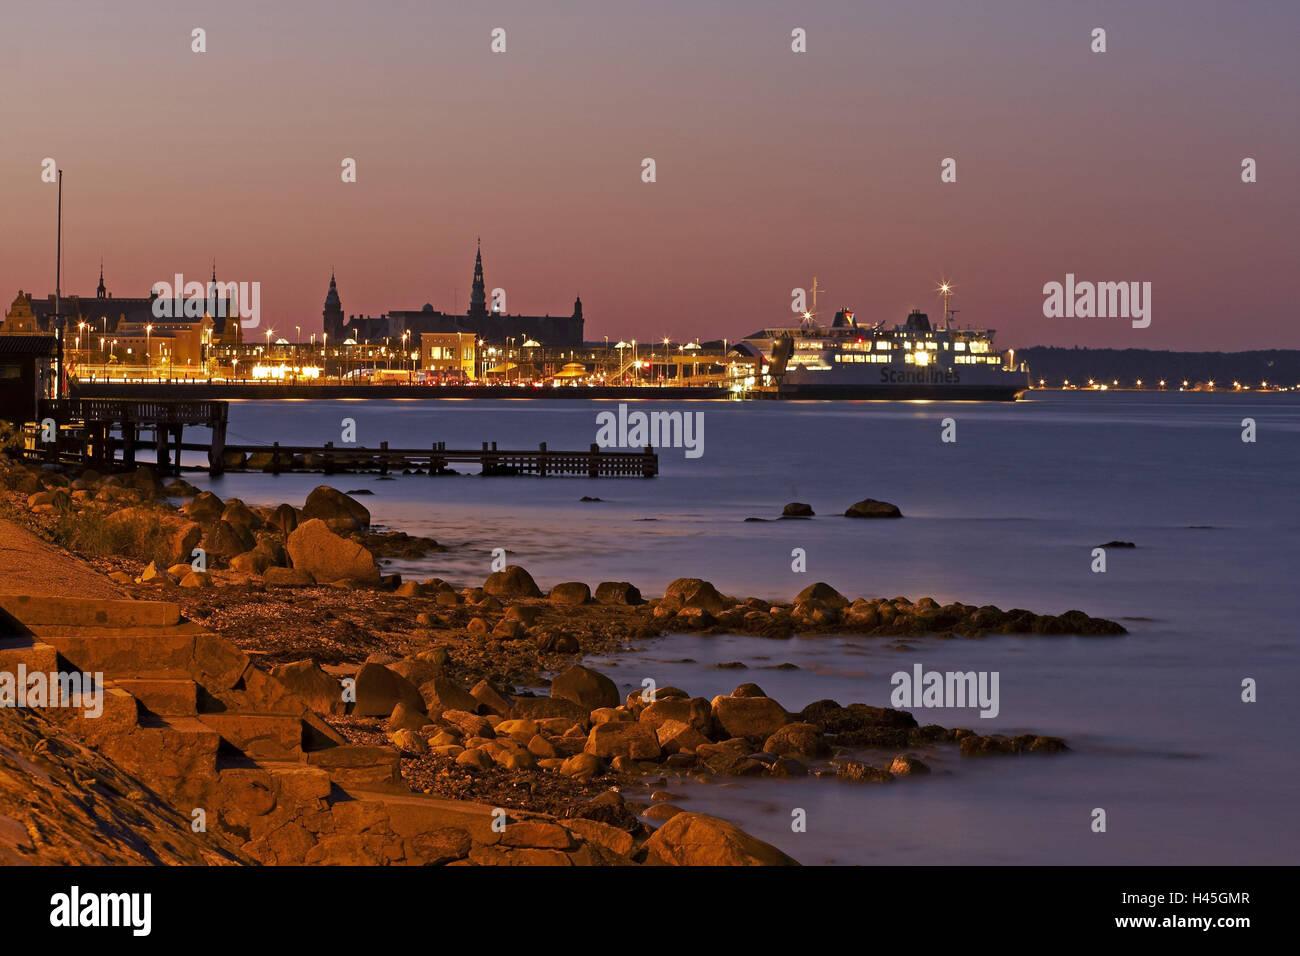 Denmark, Helsingoer, ferry, harbour, evening, fortress Kronburg, - Stock Image